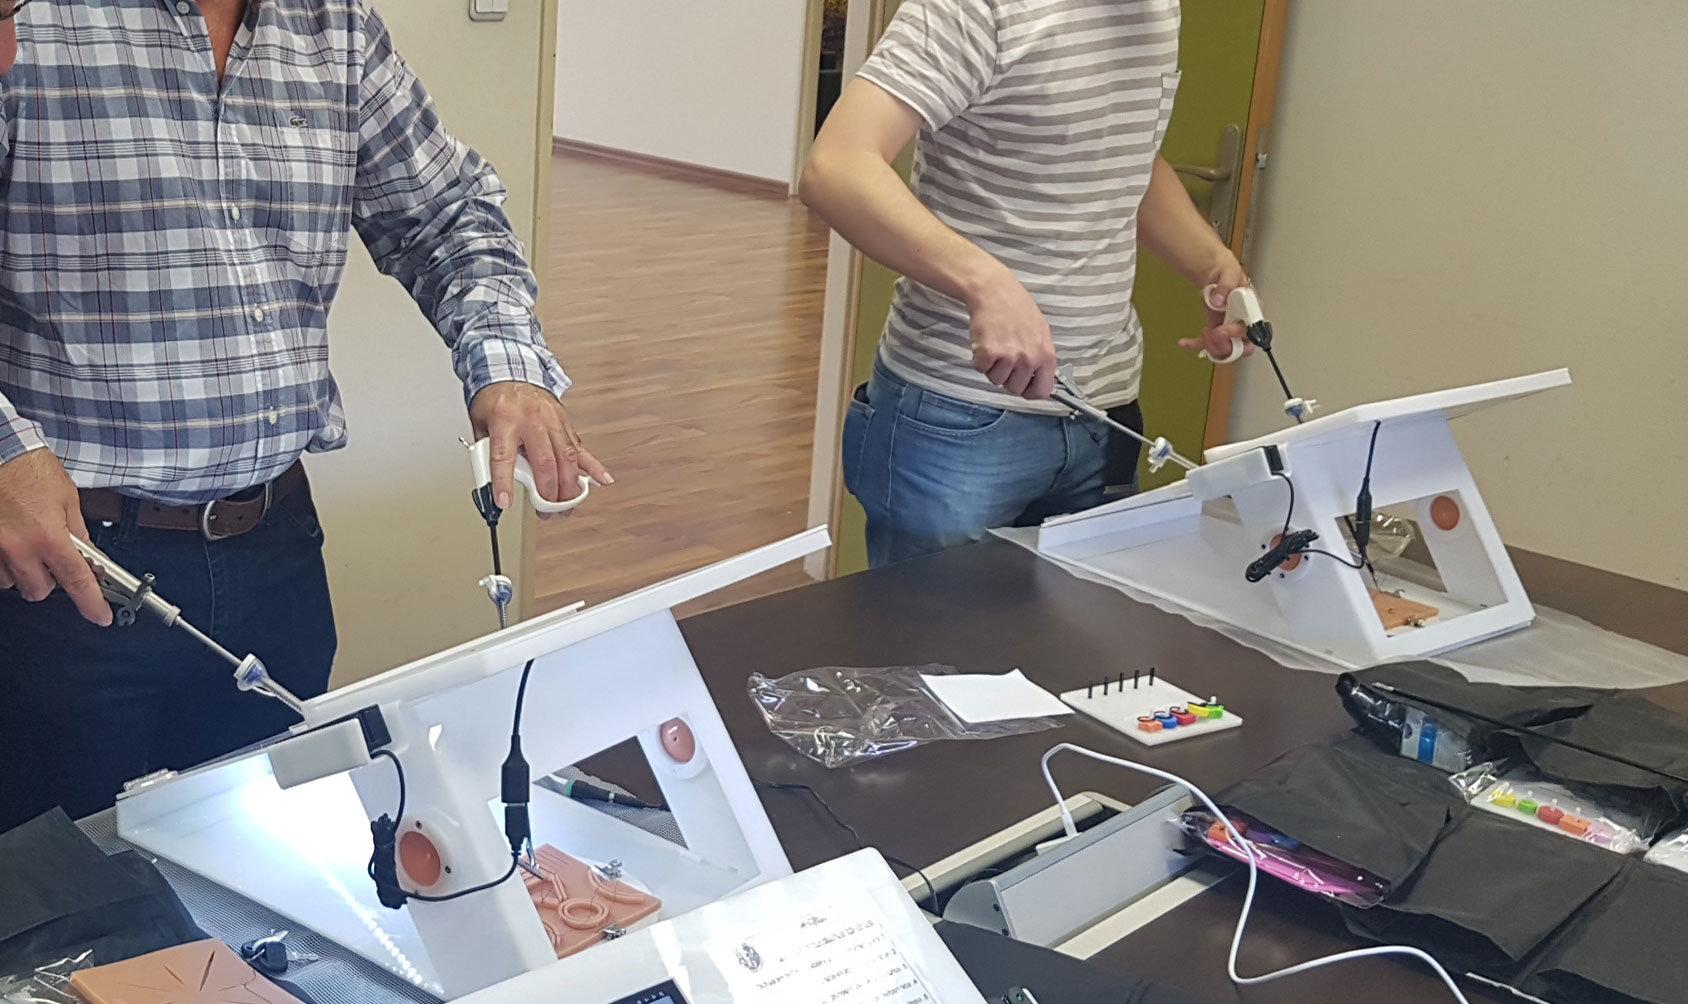 training with laparoscopic simulator